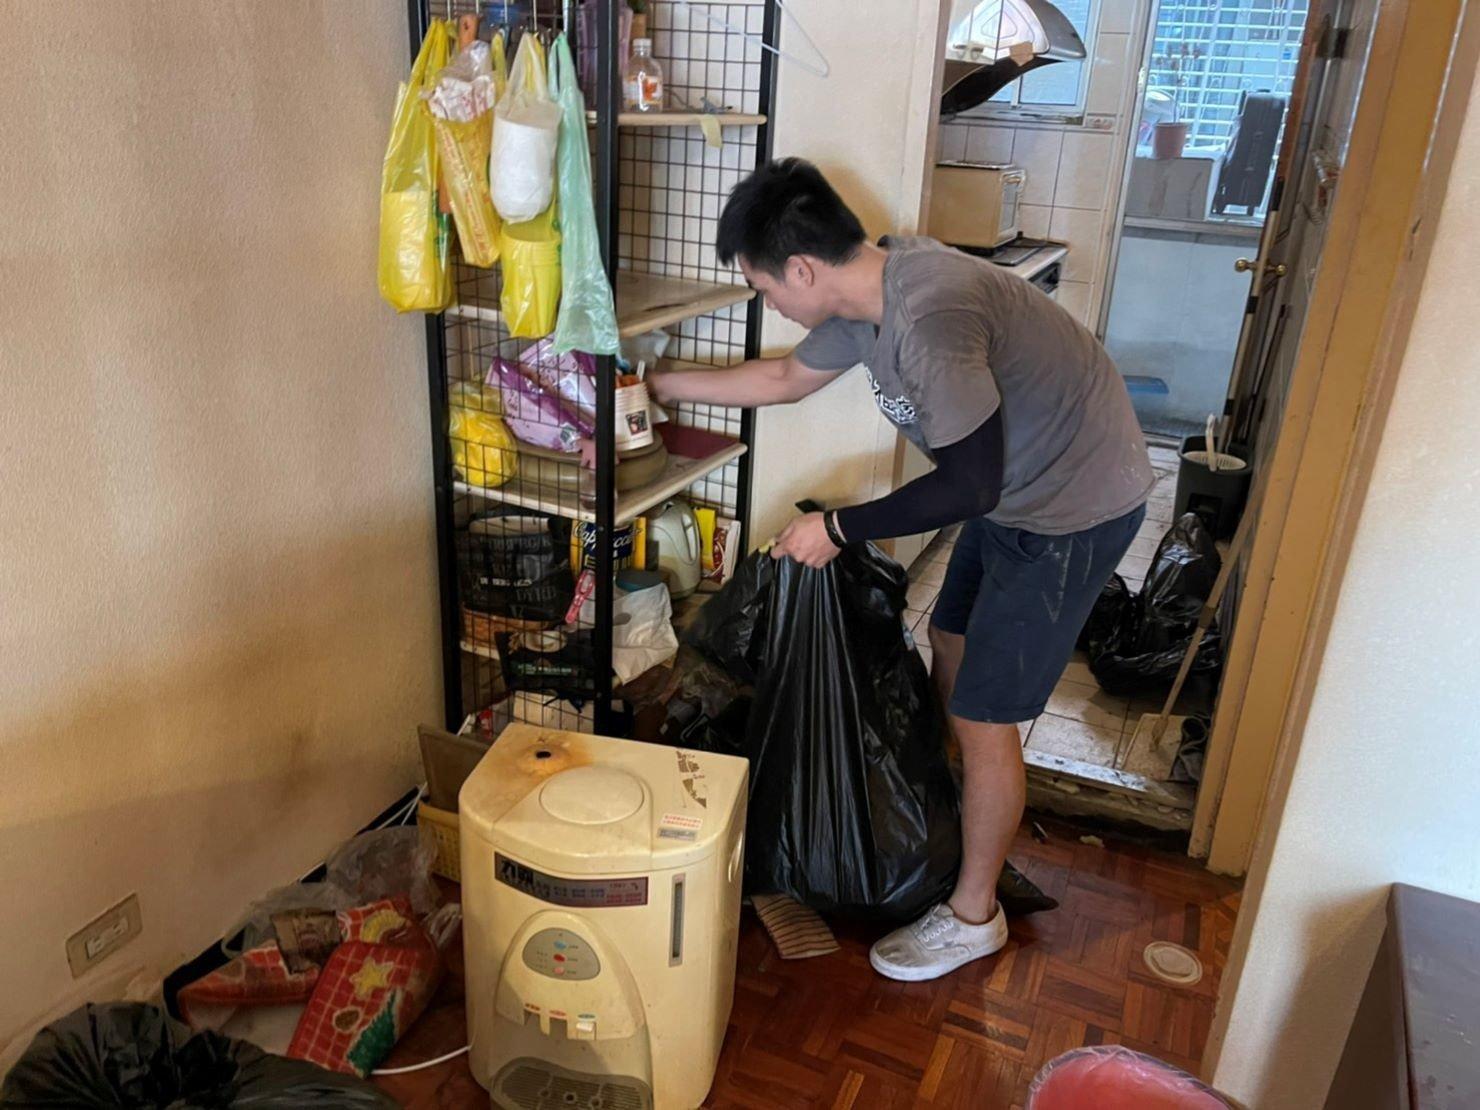 搬家推薦【榮福搬家】搬家口碑第一、台北搬家、新北搬家:【廢棄物處理清運、家庭家具垃圾處理】榮福搬家師傅在清運顧客家中的垃圾是非常快速有效率的。